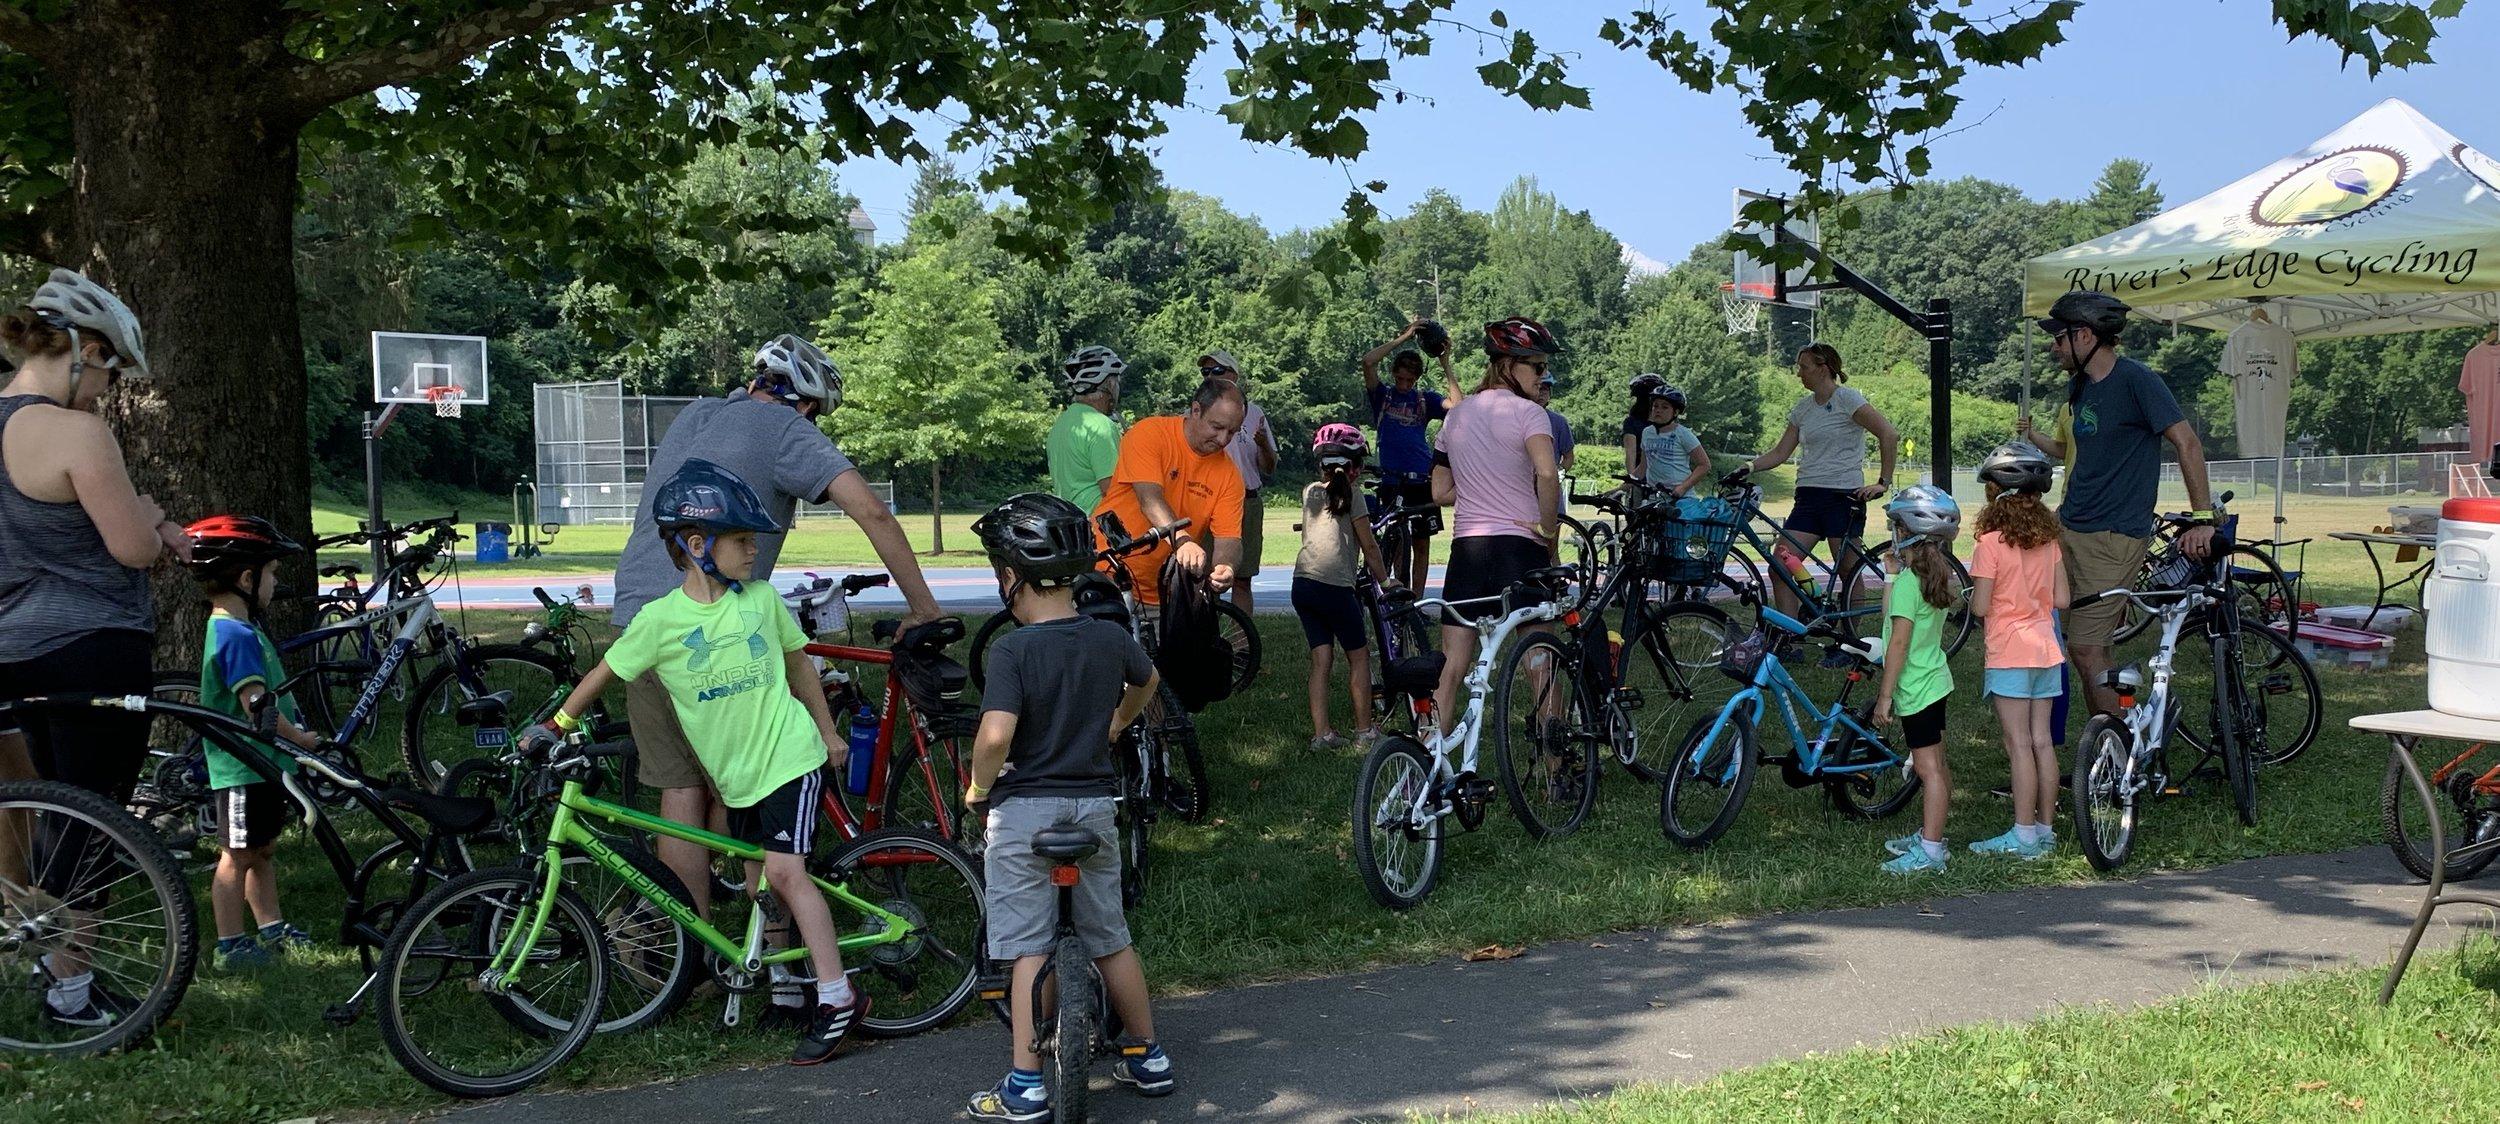 Families prepare to roll on the Kiddie Scoop Loop.